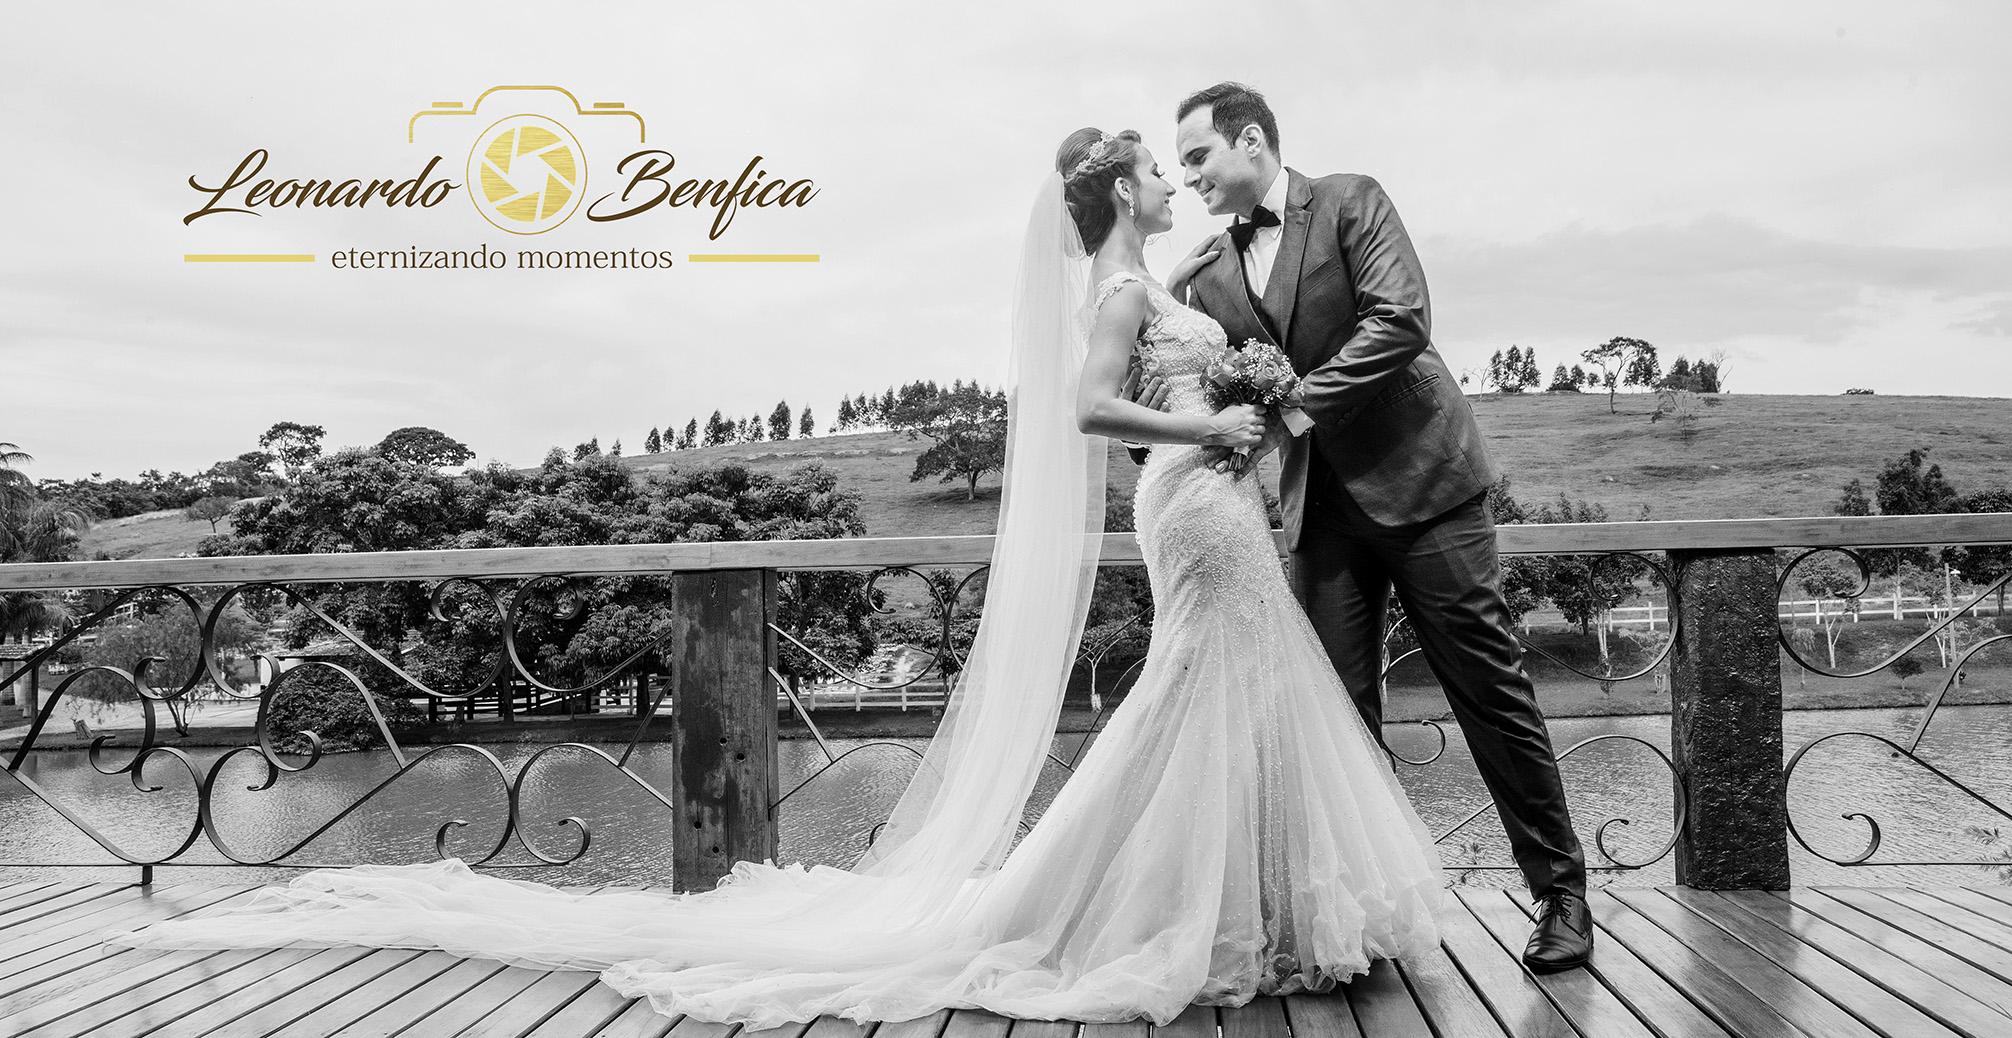 Sobre fotografo de casamento e infantil em BH - Leonardo Benfica - BH/MG